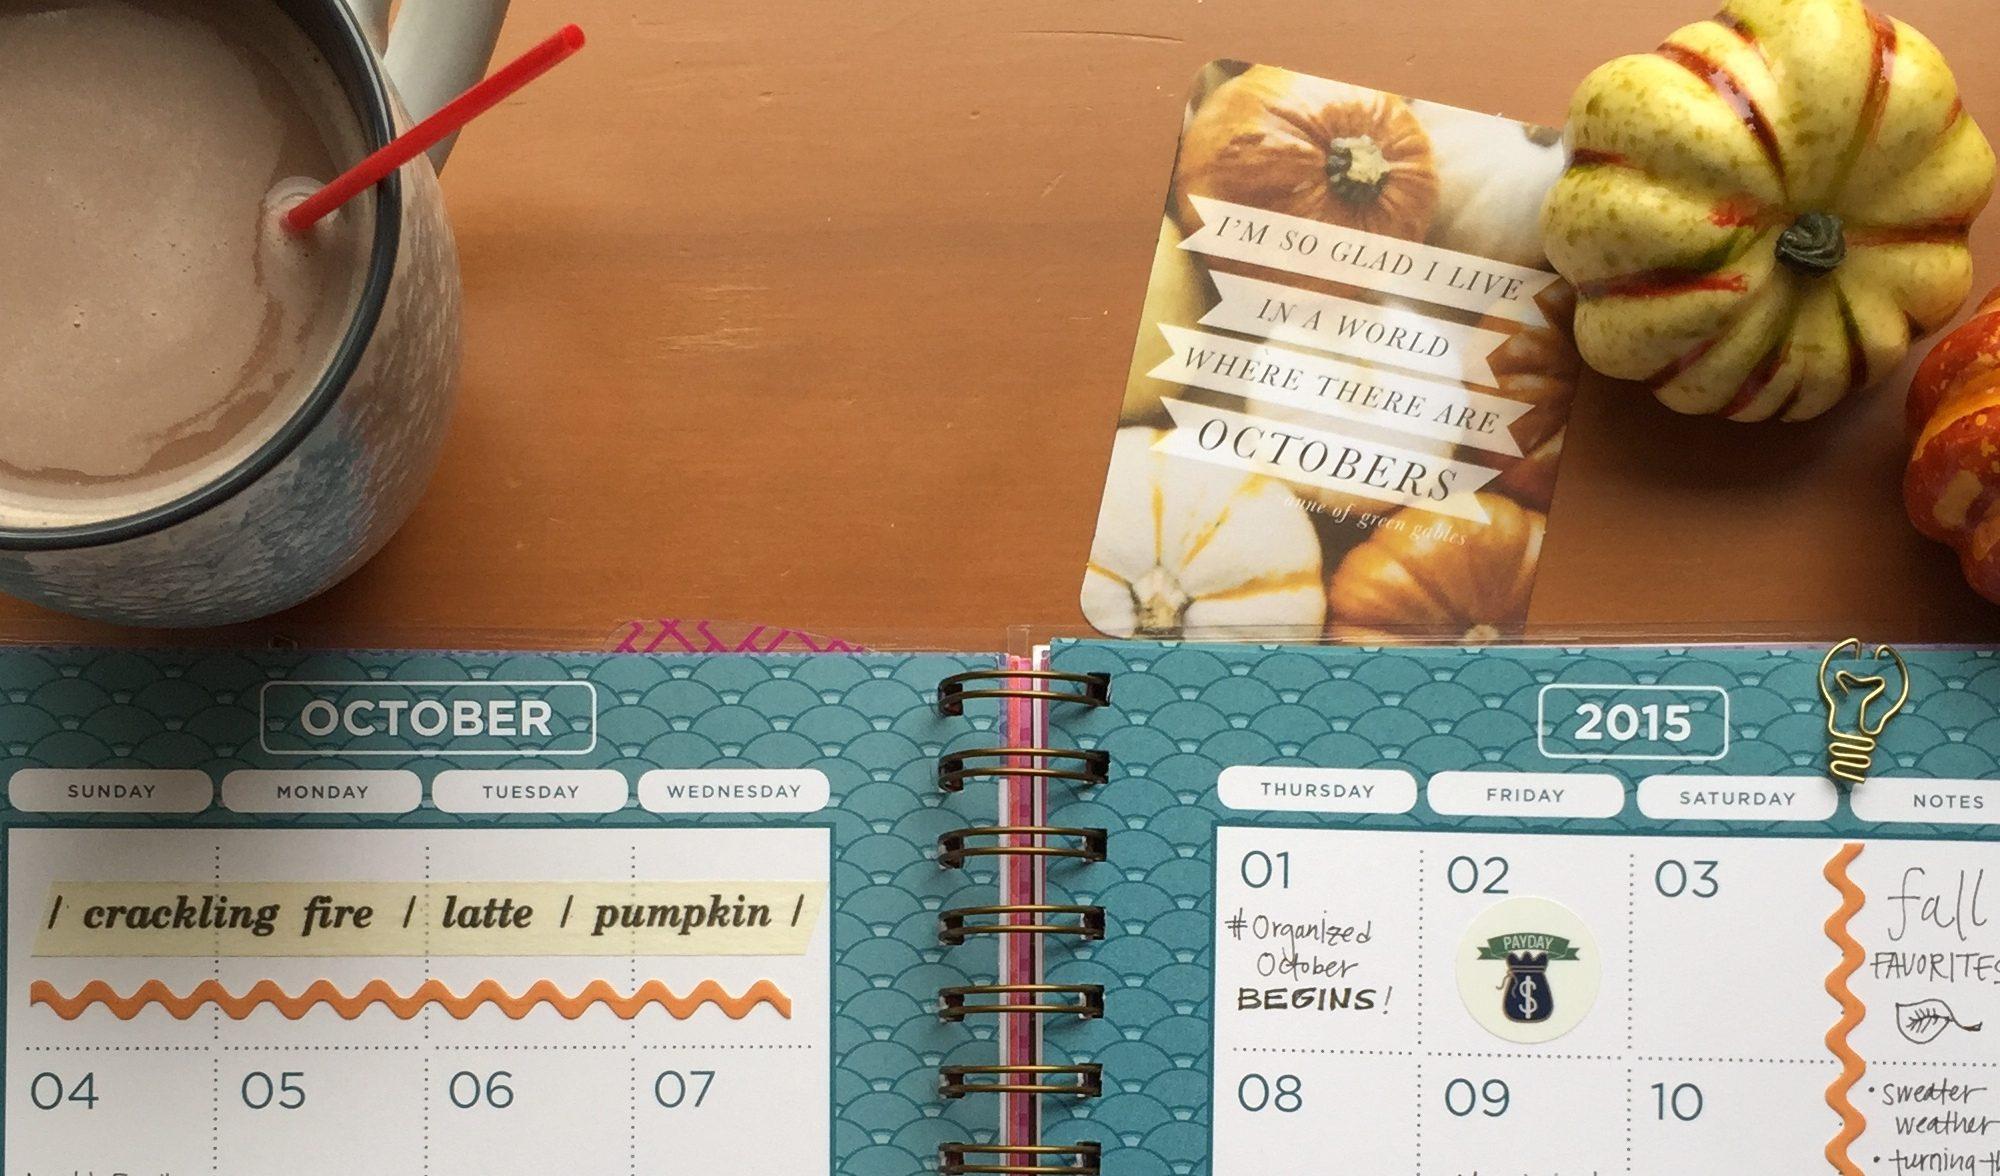 Octobers